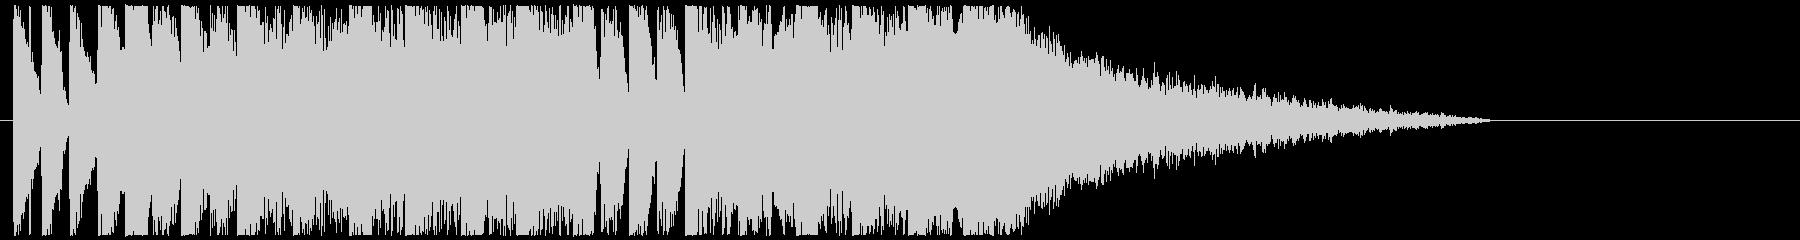 DUBSTEP BASS COOLの未再生の波形